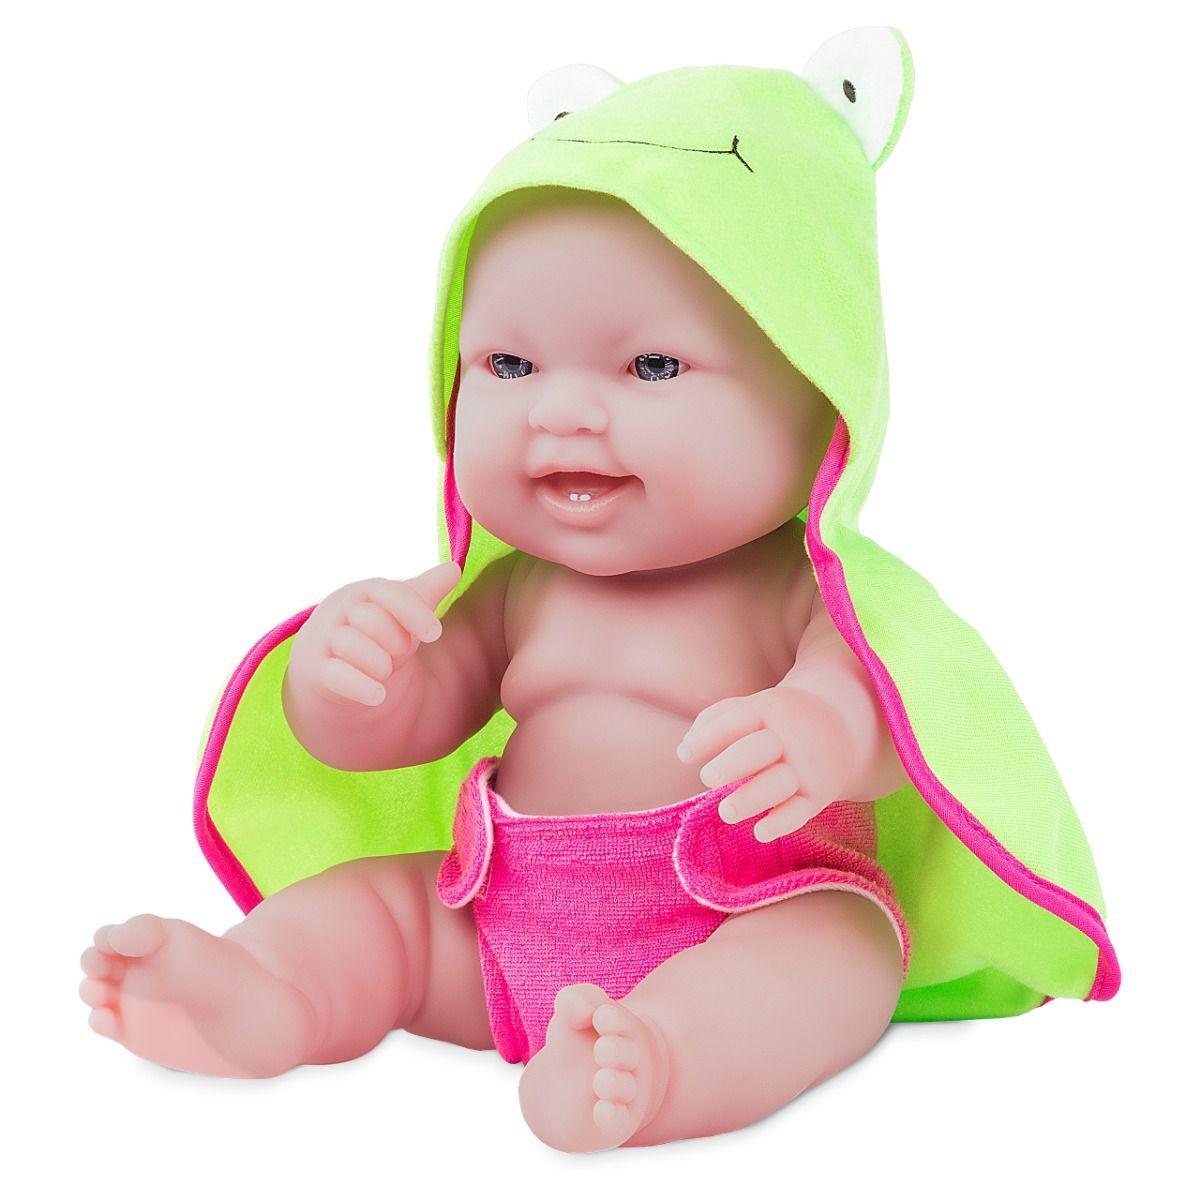 Boneca Bebê Lil' Cutesies Faz Xixi